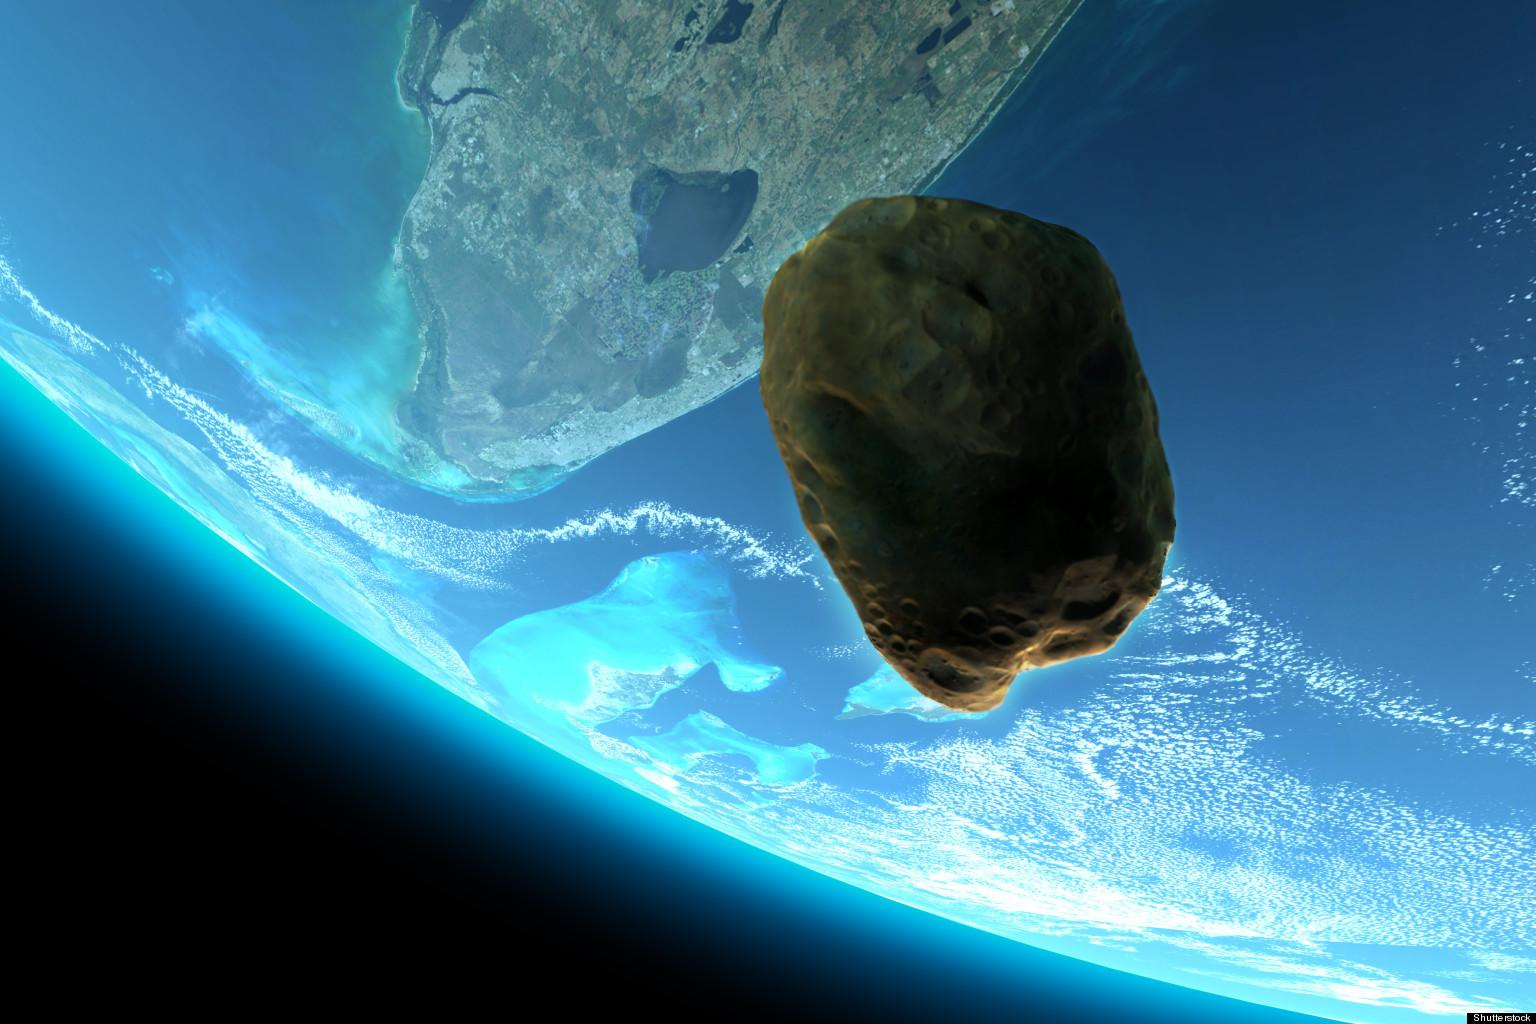 Совсем скоро крупный астероид подойдет к Земле